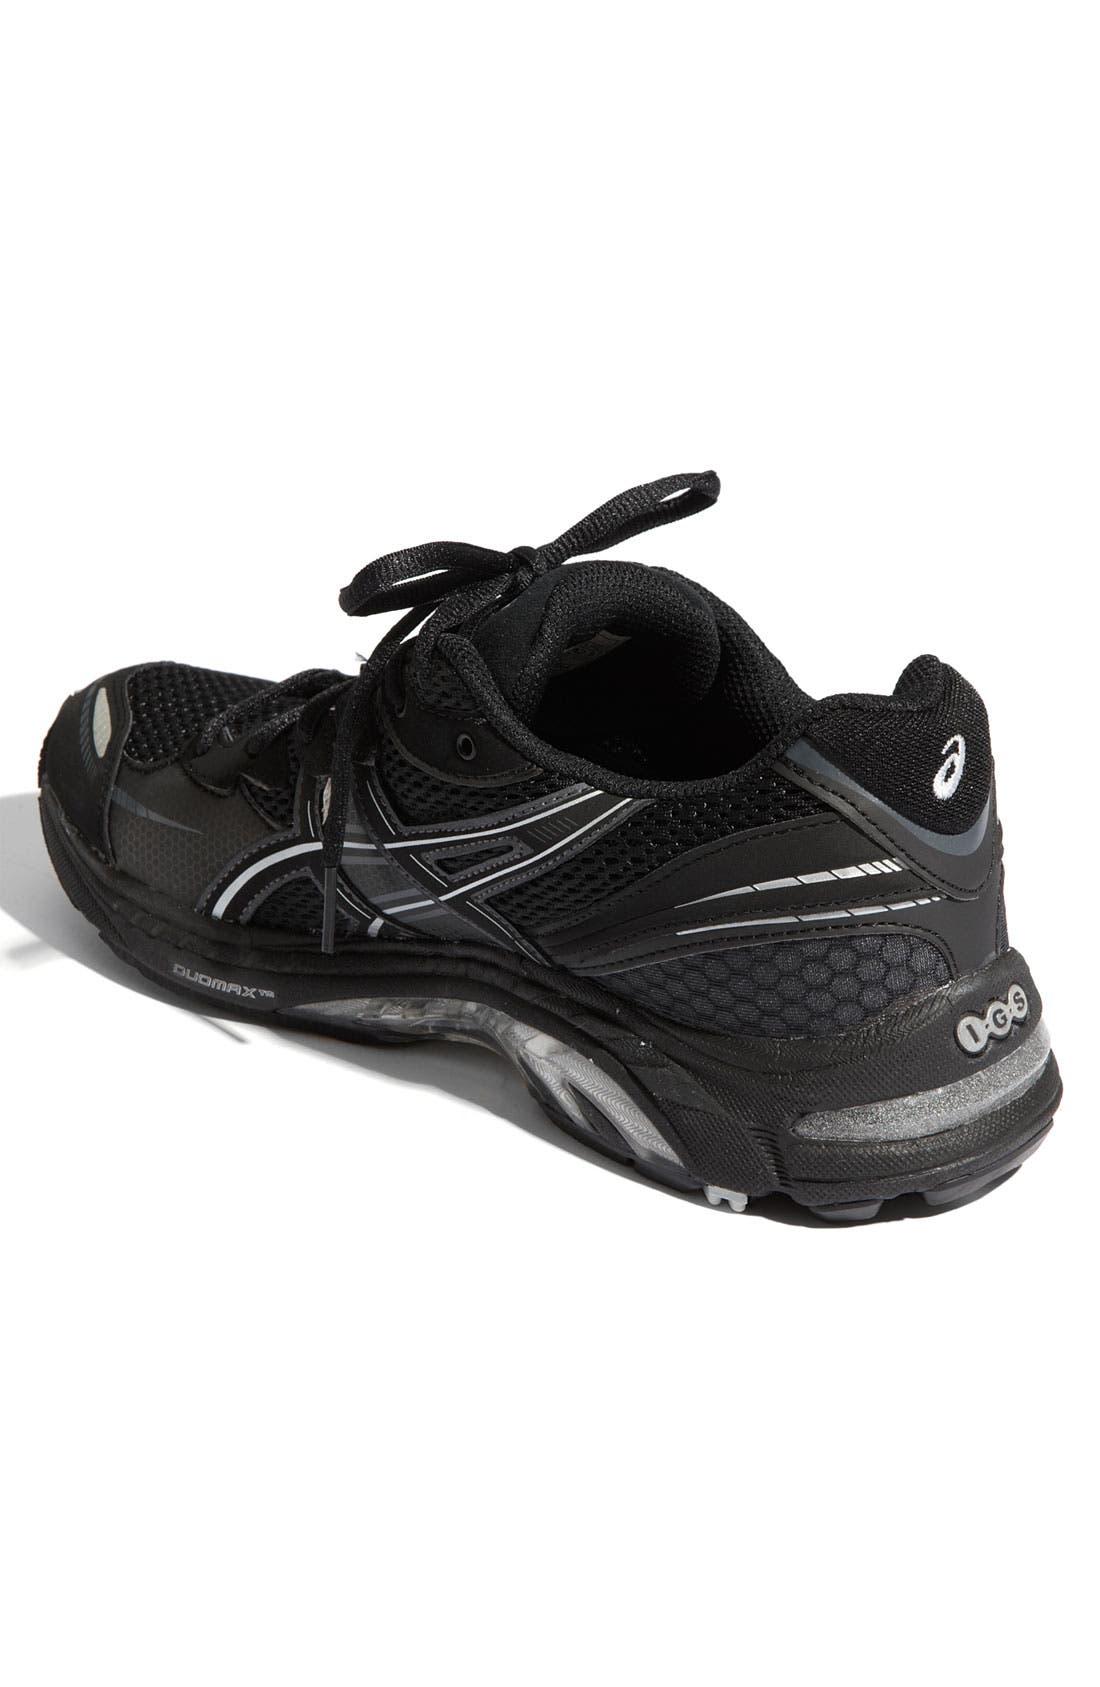 Alternate Image 2  - ASICS® 'Gel-Tech Walker Neo' Walking Shoe (Men) (Online Only)